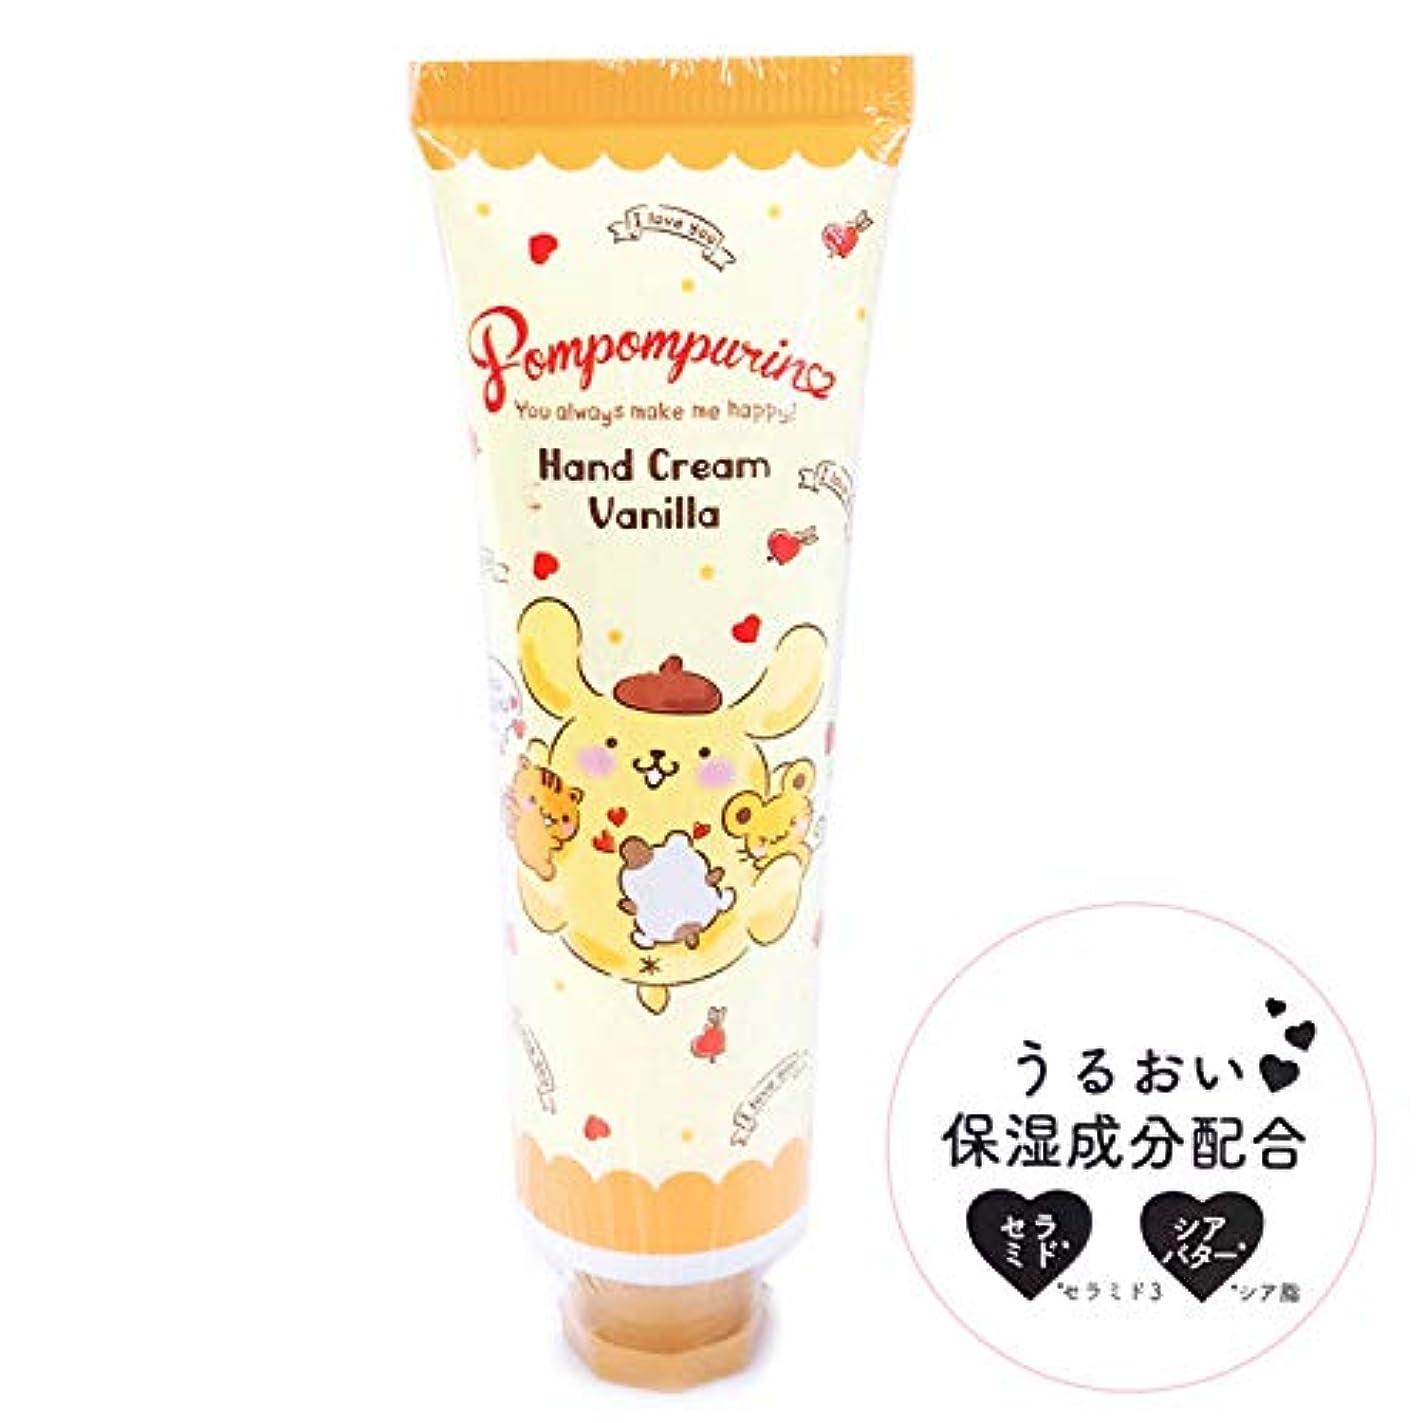 印象的溢れんばかりのバランスのとれたポムポムプリン ハンドクリーム バニラの香り [380316]